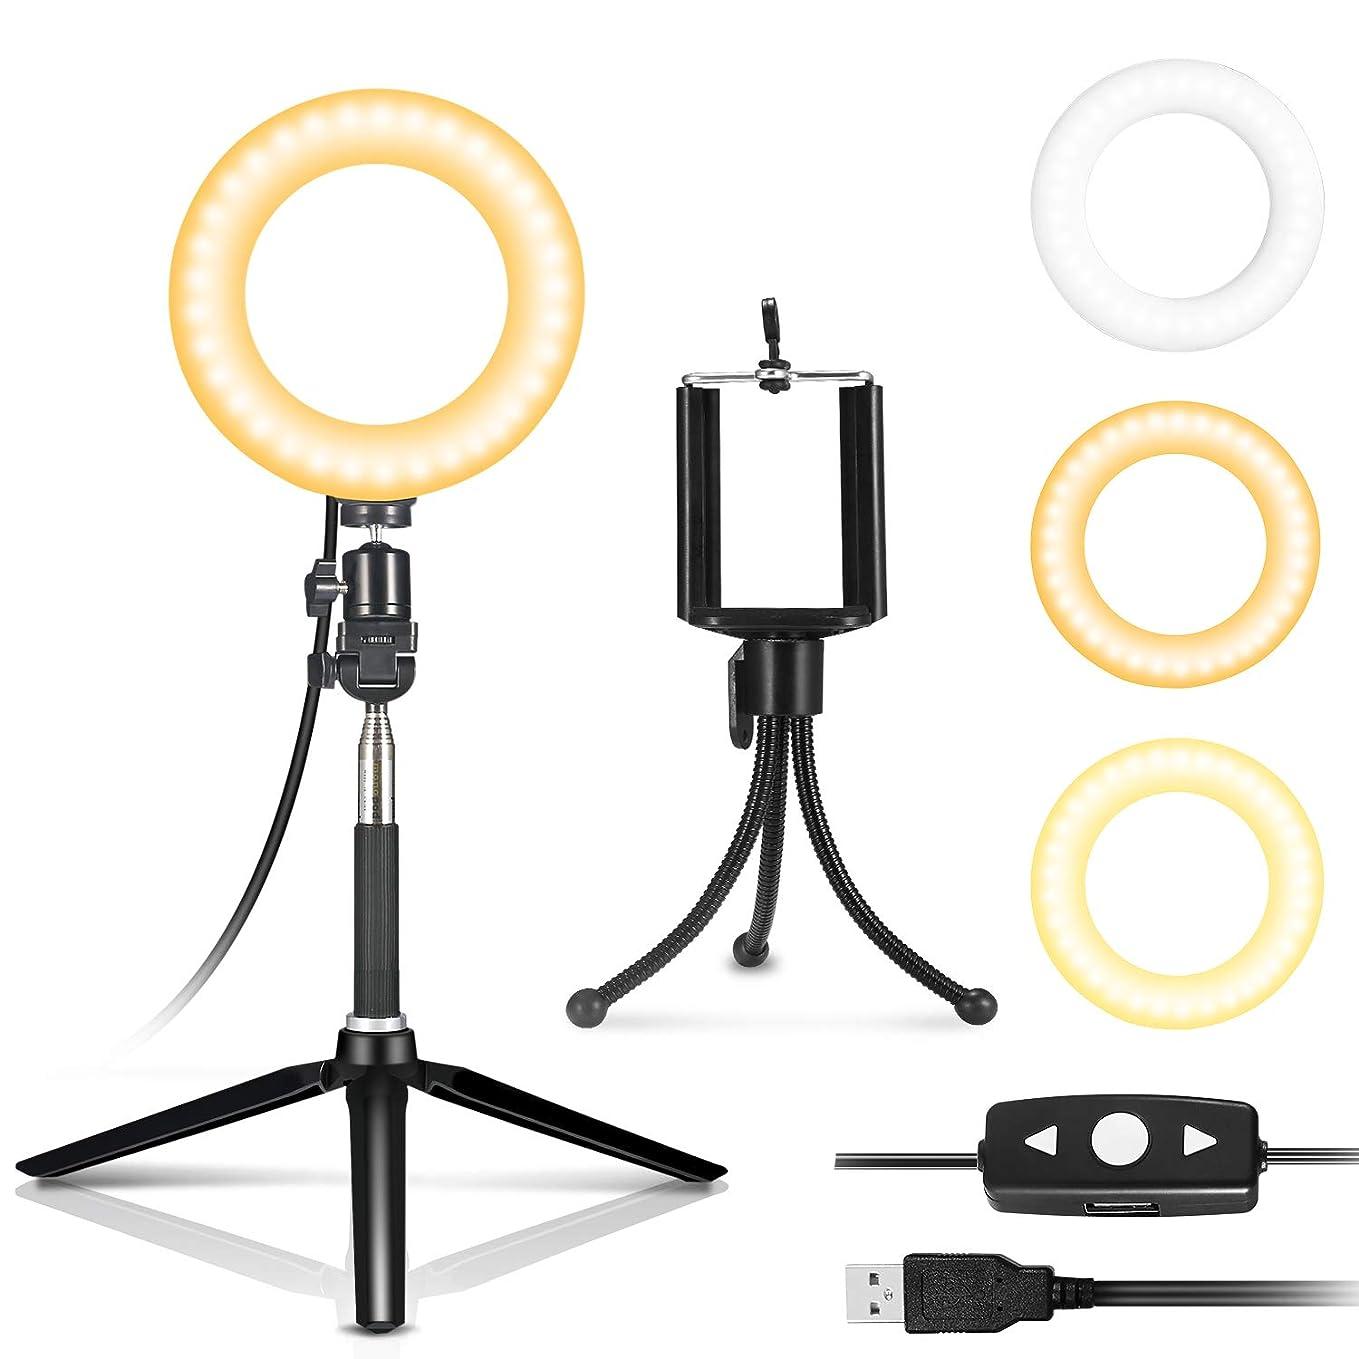 船員流出三角形IDESION 自撮り補助セルフィー LEDライト ミラー 女優ライト 6インチ円形 3色調節可能 リモコン付き ハリウッドライト USB給電 日本語説明書付き